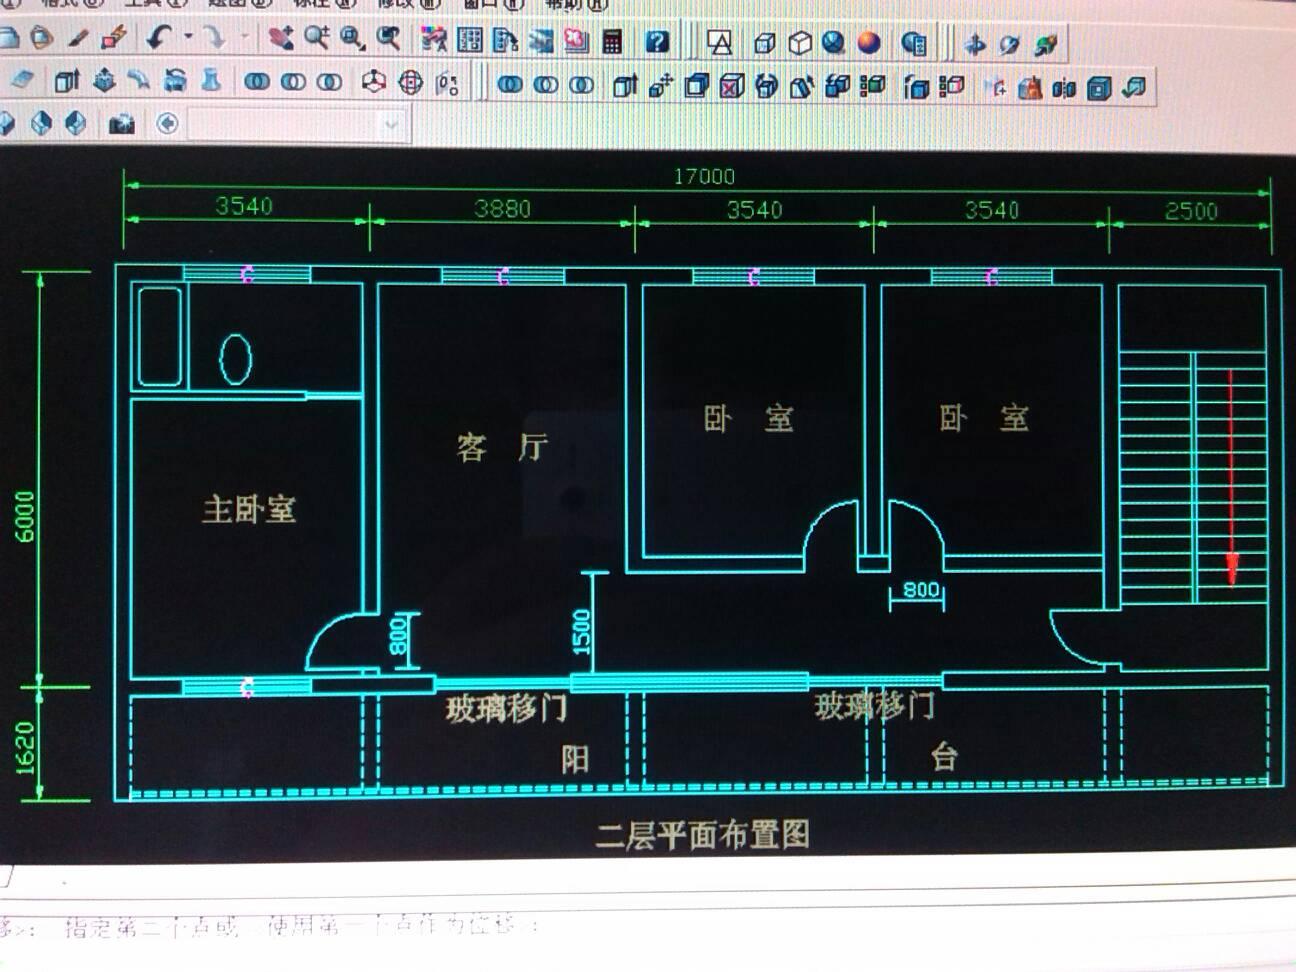 农村建房,,,宽8米长17米求房子设计图图片